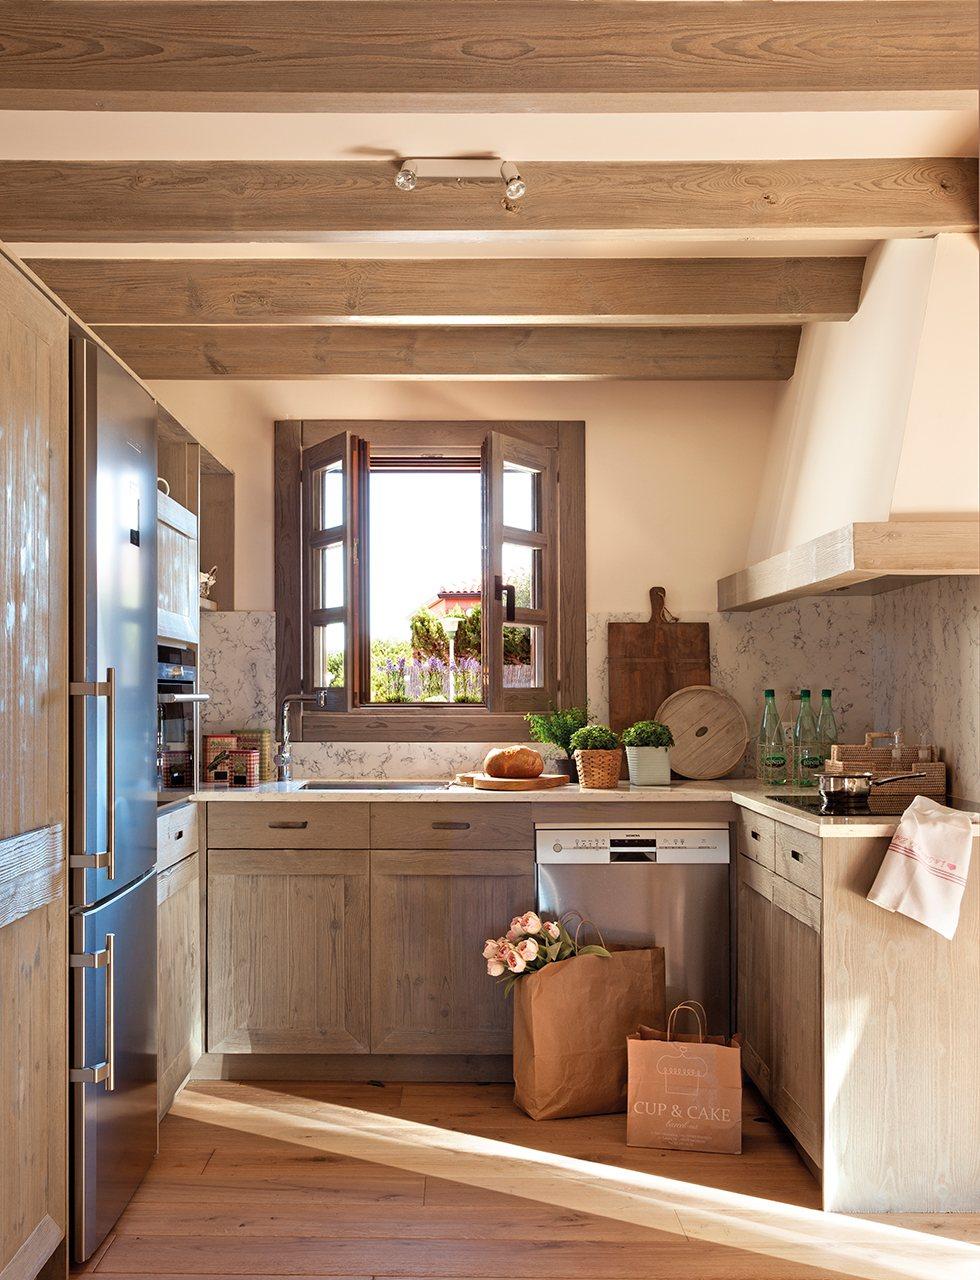 849 fotos de muebles de cocina pagina 15 - Paginas de cocina ...